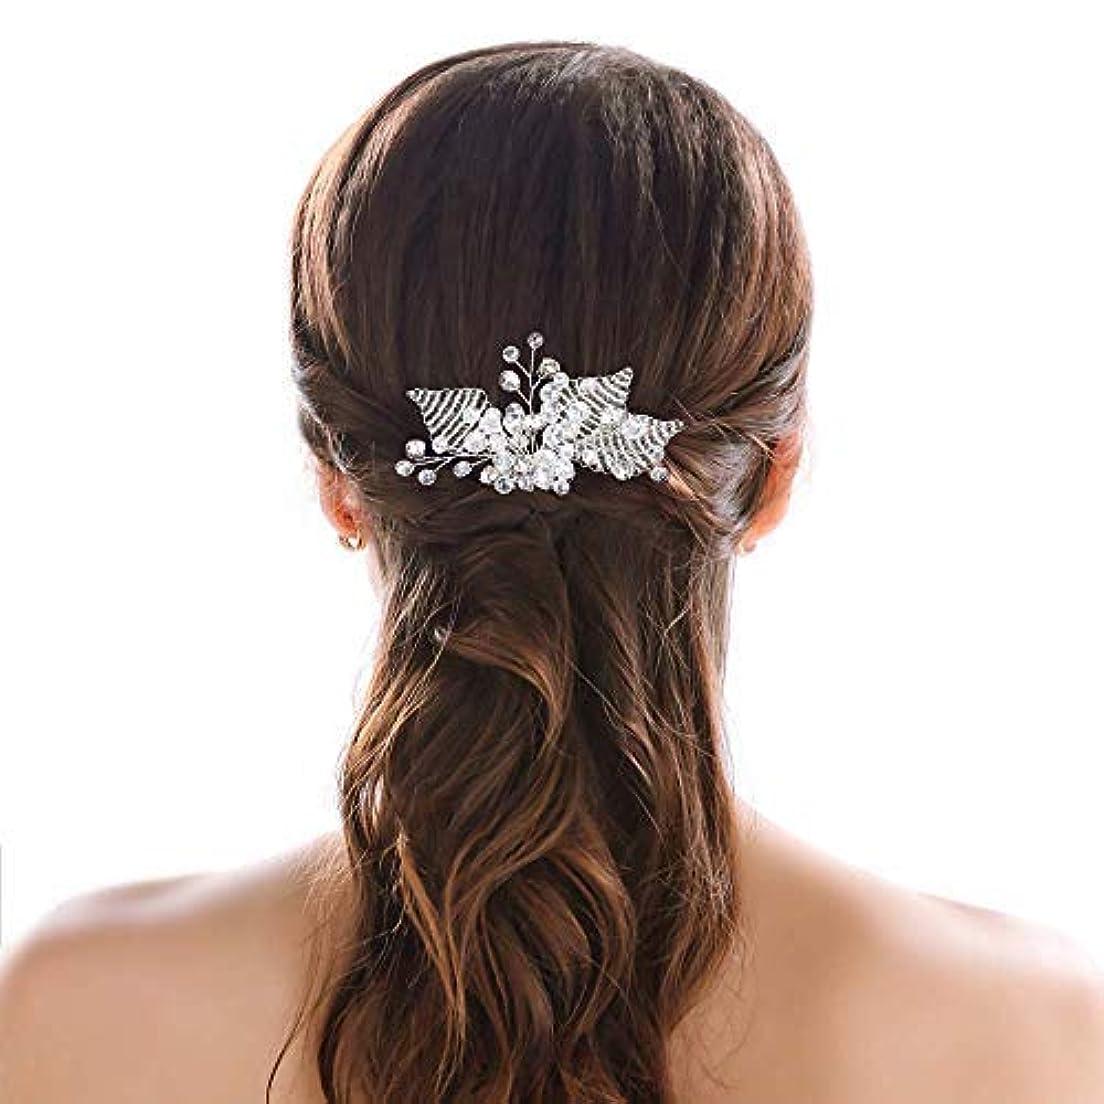 オズワルドトリッキー非常にJovono Bride Wedding Hair Comb Bridal Headpieces Beaded Rhinestone Hair Accessories for Women and Girls (Silver) [並行輸入品]